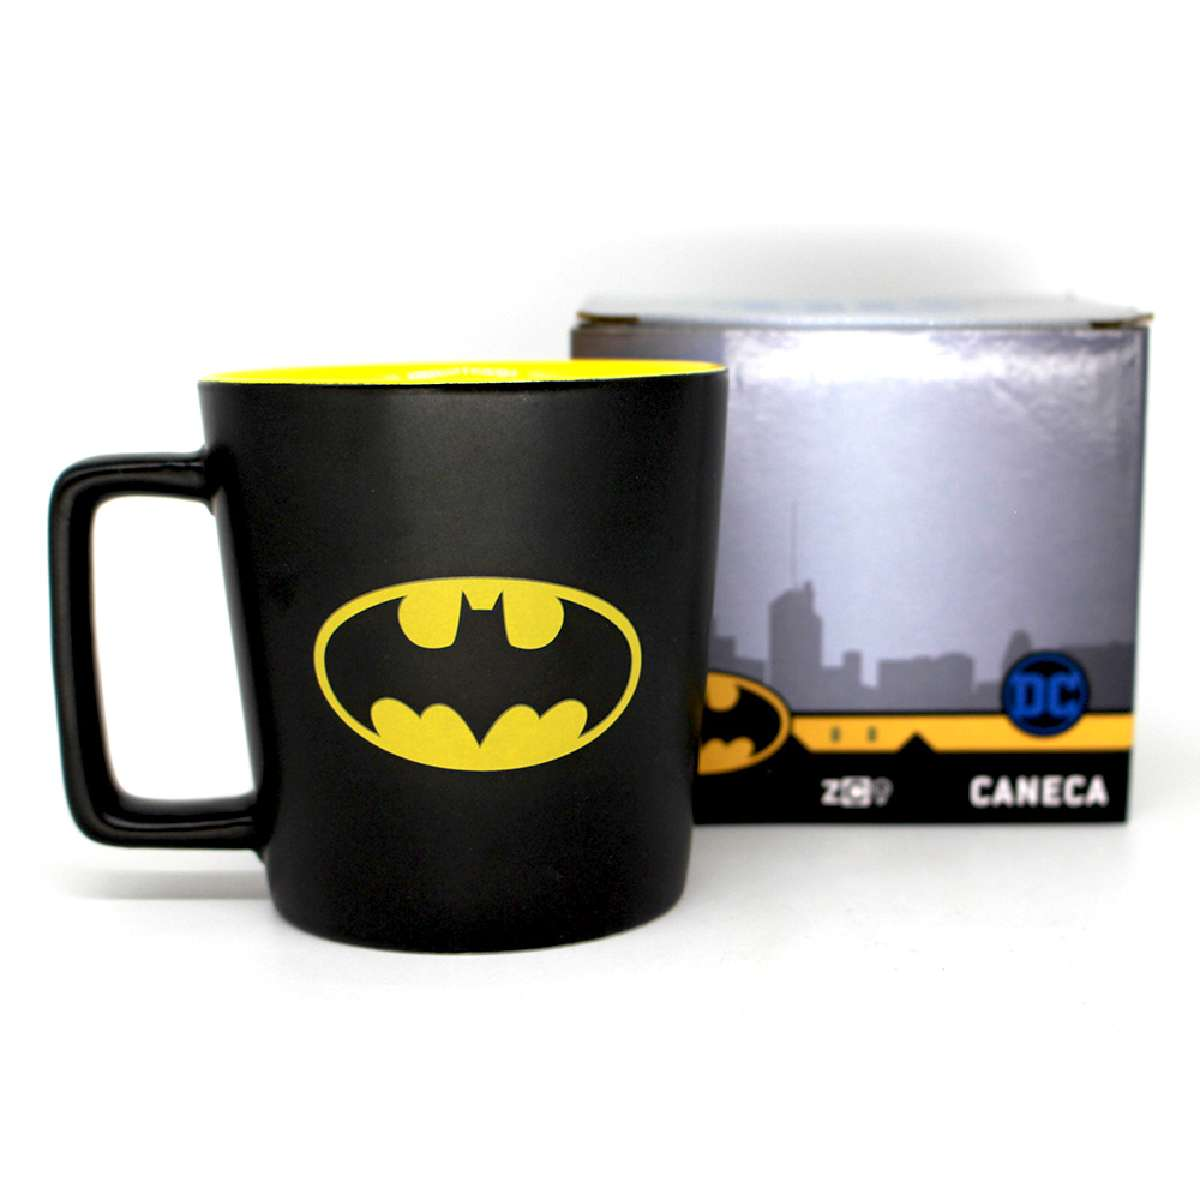 Caneca Batman Cavaleiro das Trevas Logo Morcego